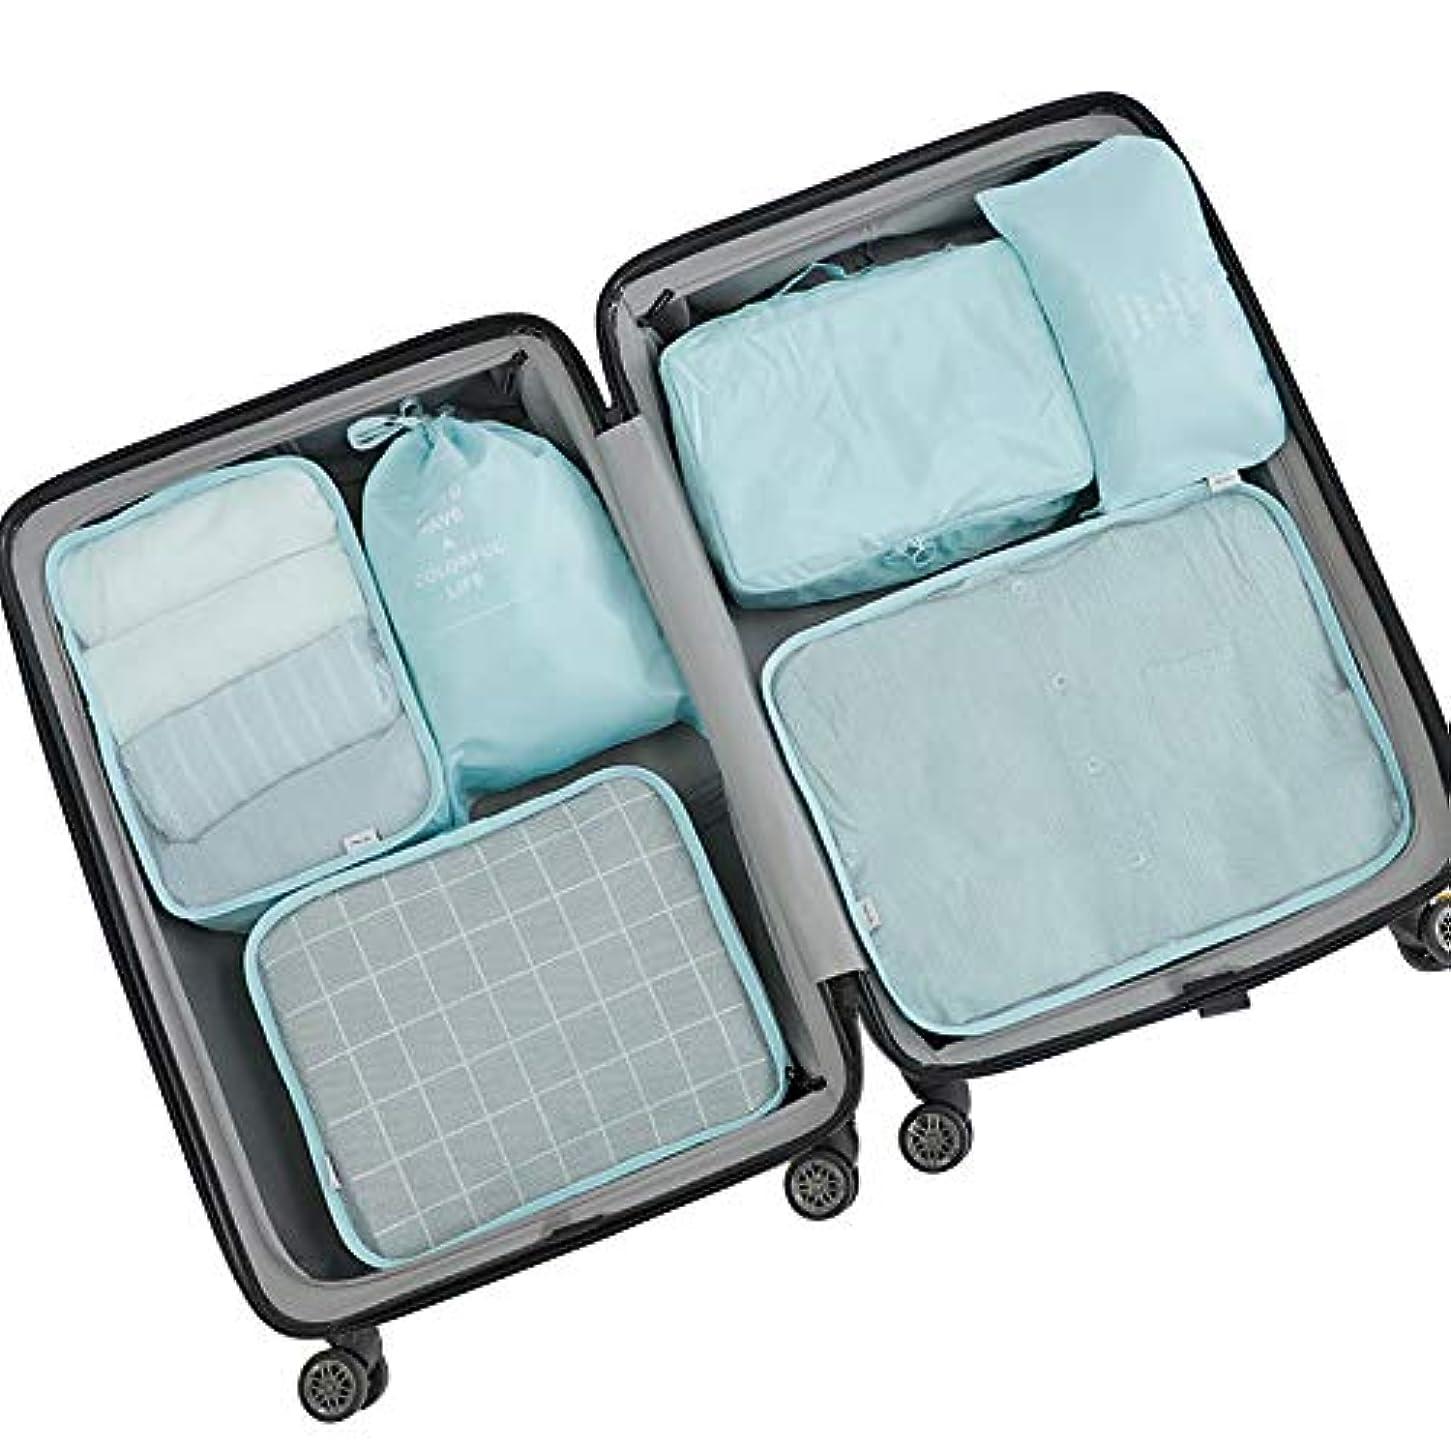 作動する対処する関係トラベルポーチ 6点セット 収納ポーチ 旅行用 衣類 バッグ ケース 化粧ポーチ メンズ 大容量 防水